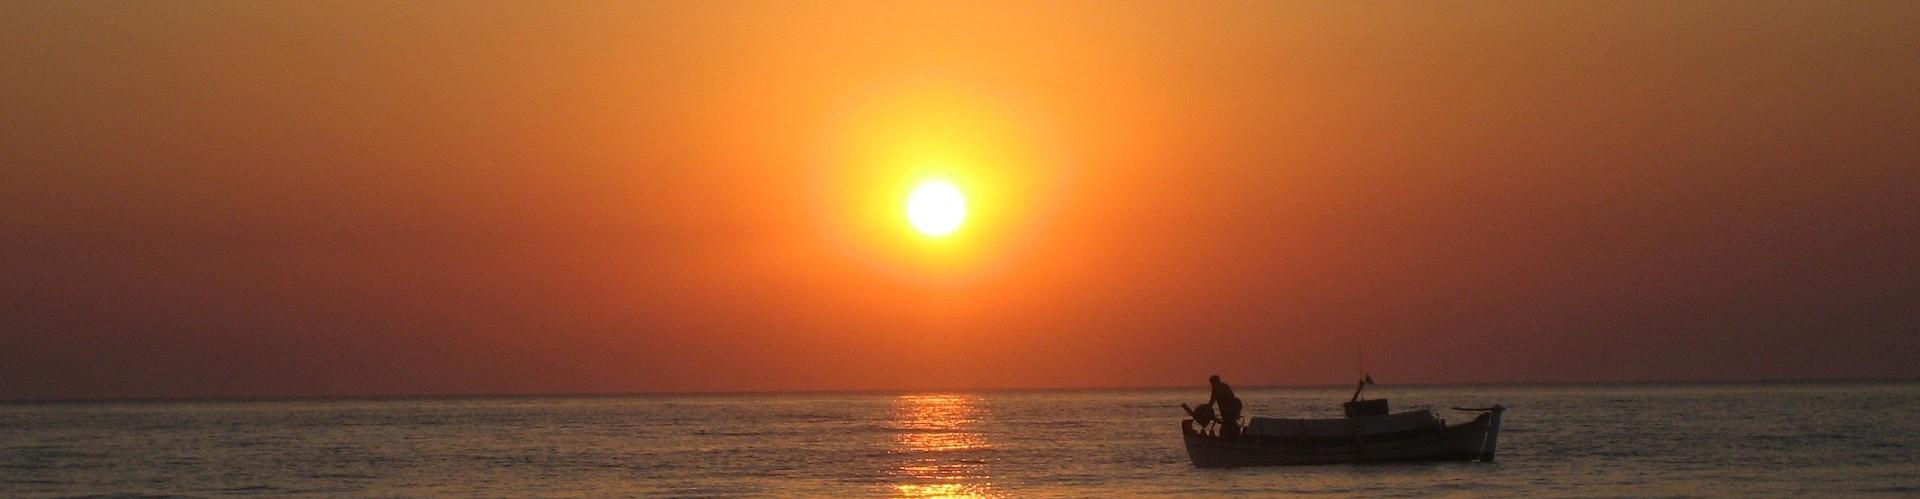 sunriseboat-e1449518514650